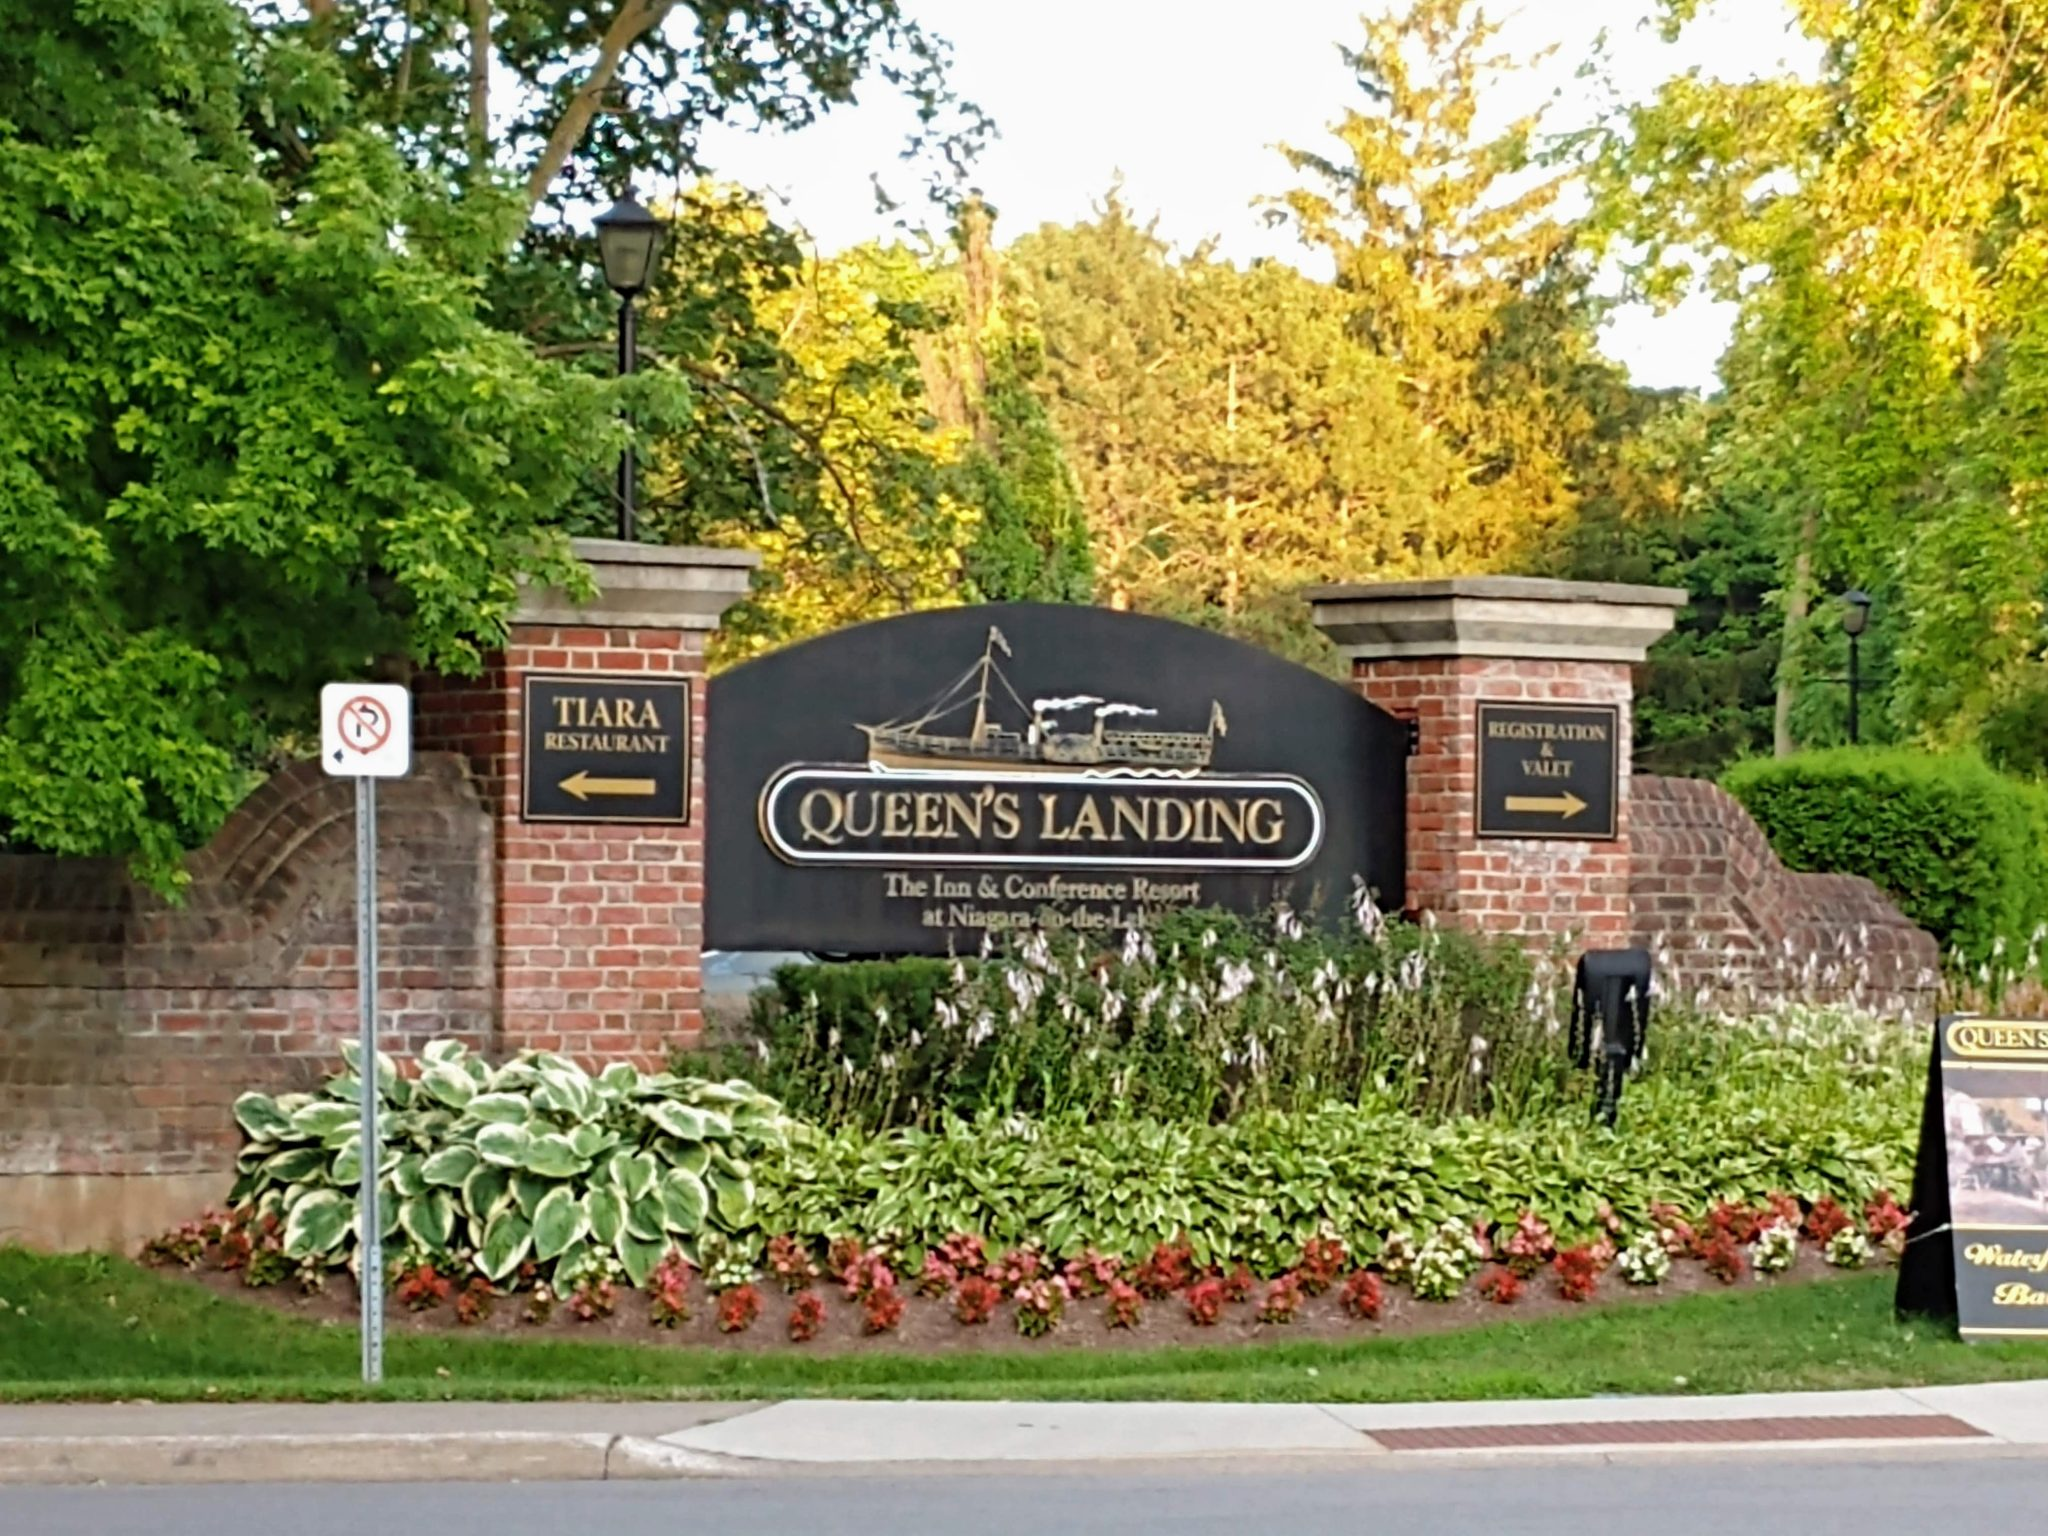 Queen's Landing Hotel Niagara-on-the-Lake Ontario